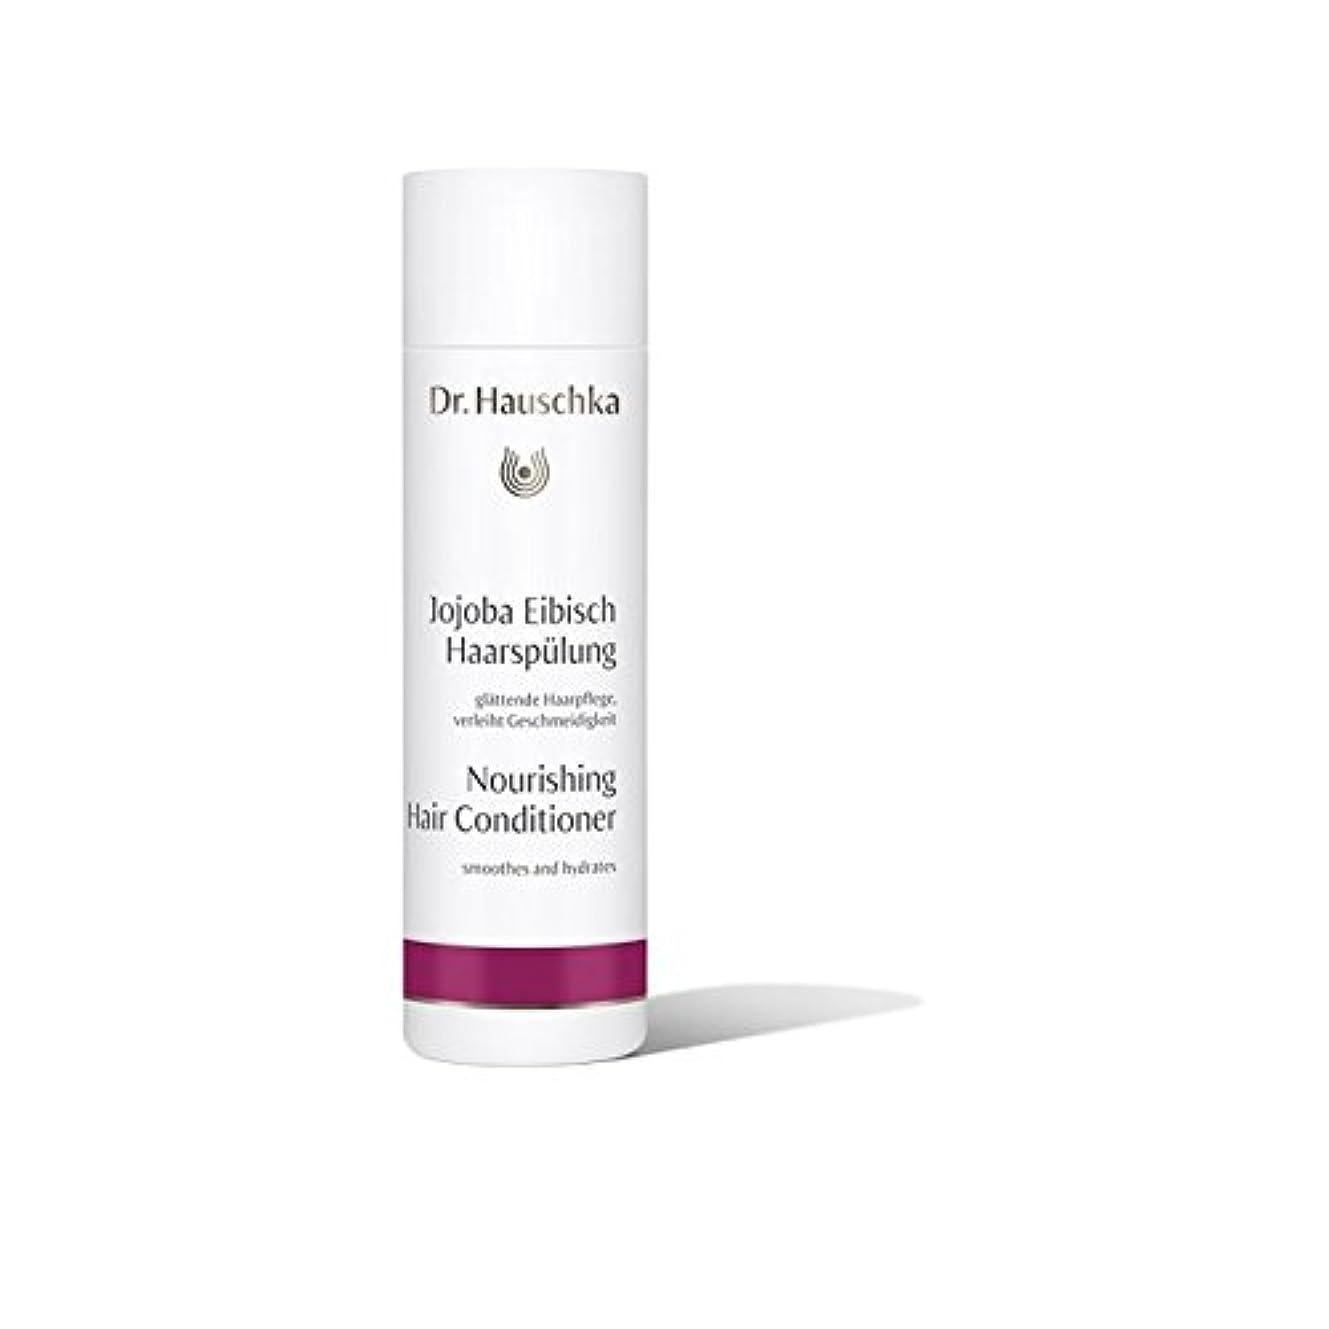 モンスター魂個人Dr. Hauschka Nourishing Hair Conditioner (200ml) (Pack of 6) - ハウシュカ栄養ヘアコンディショナー(200ミリリットル) x6 [並行輸入品]